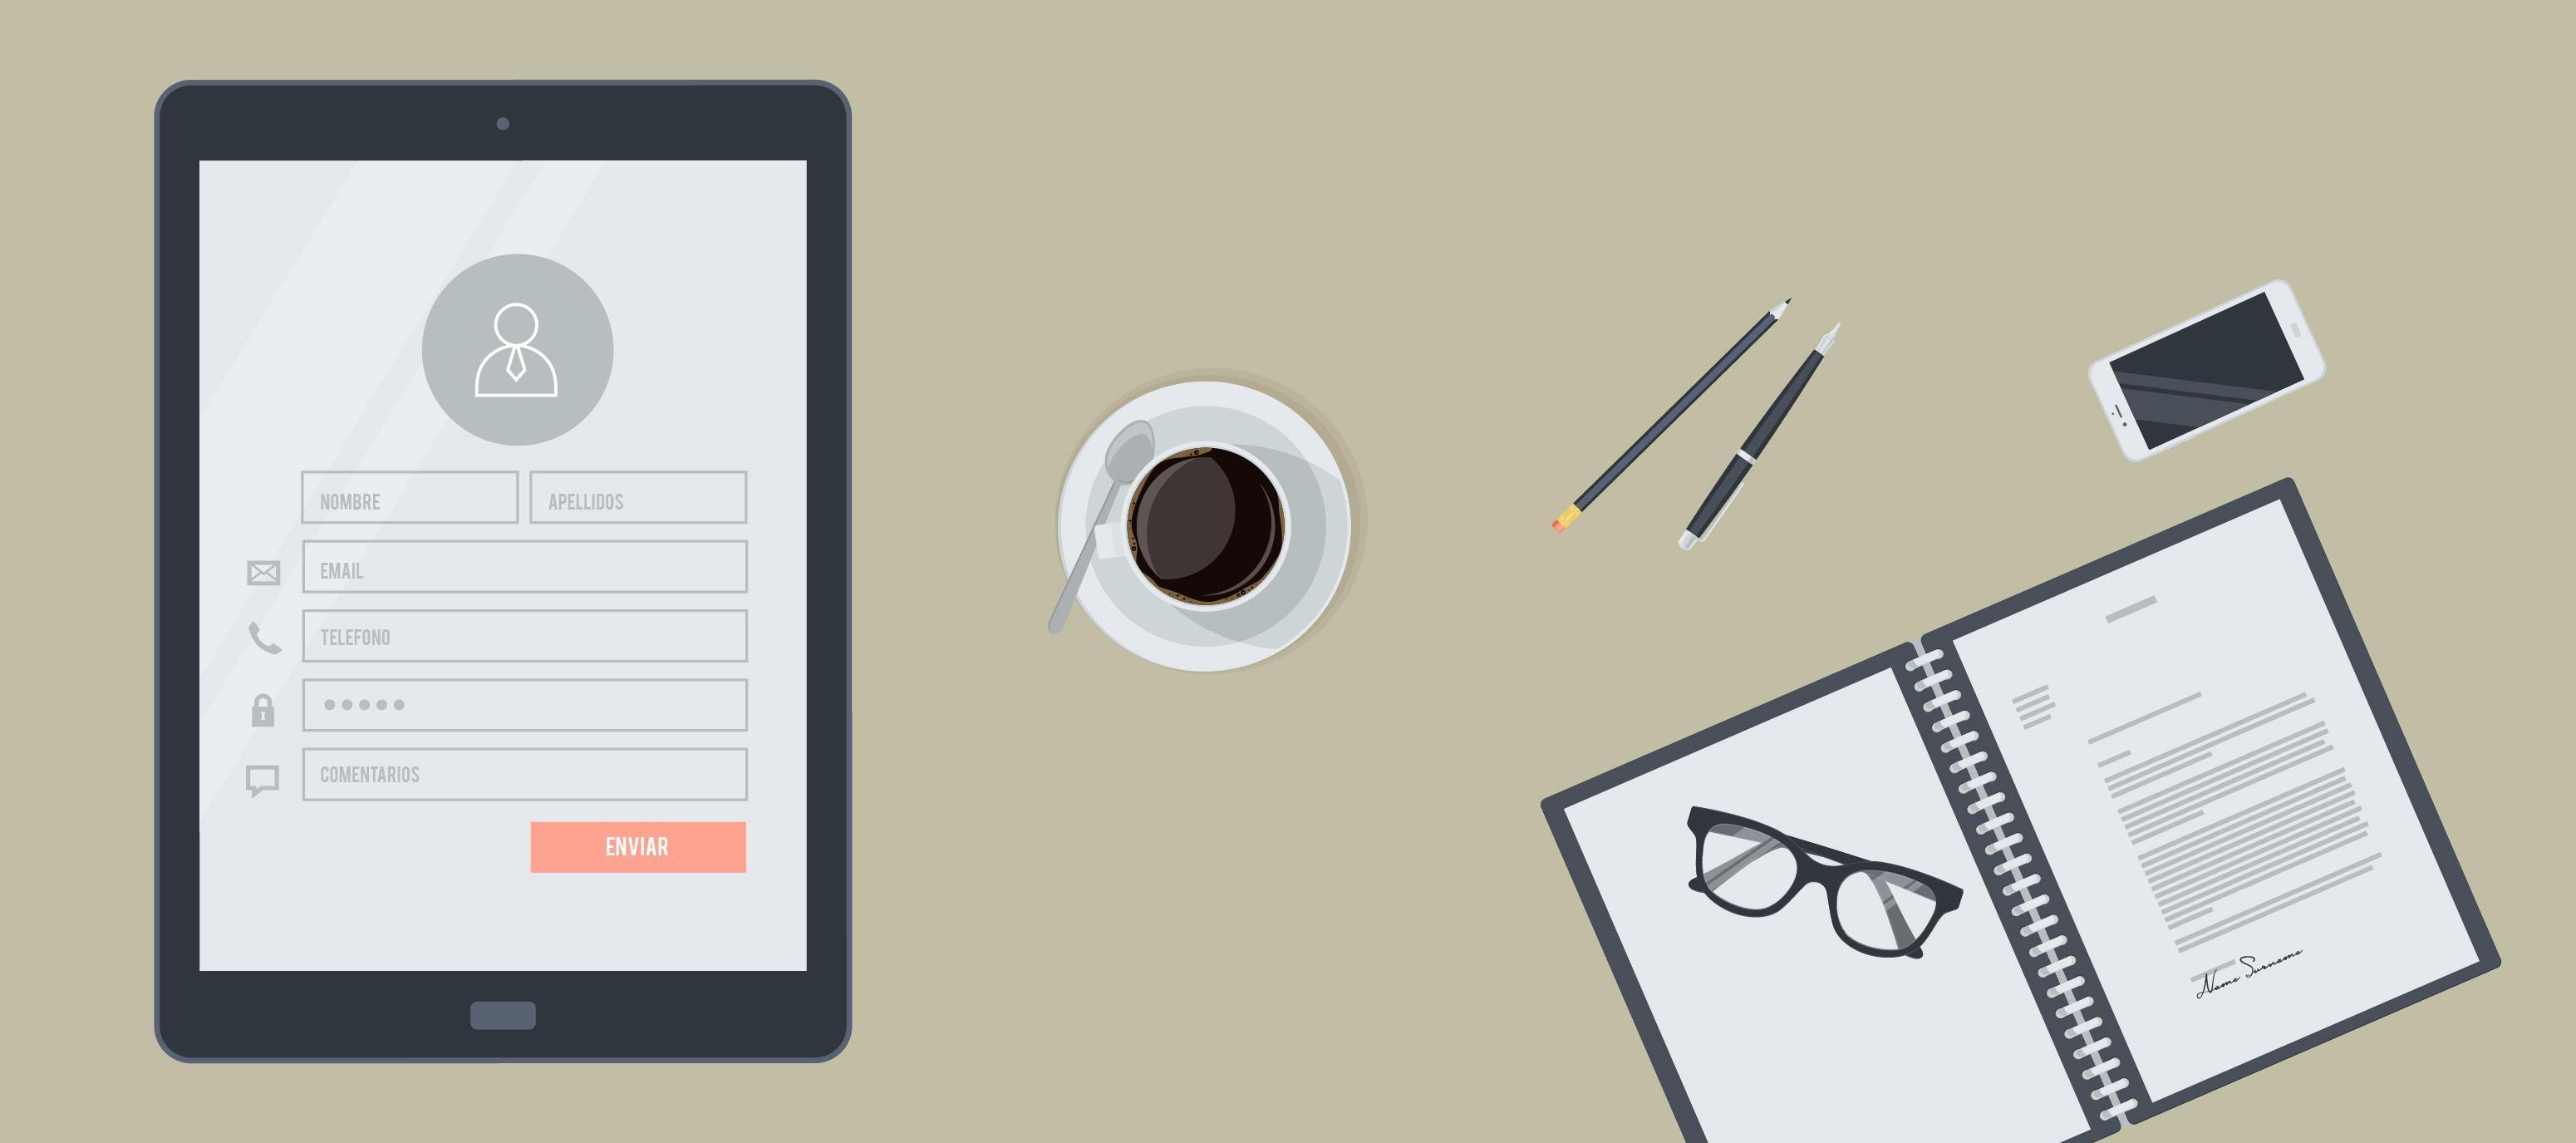 ¿Tu web utiliza formularios que incumplen la ley?